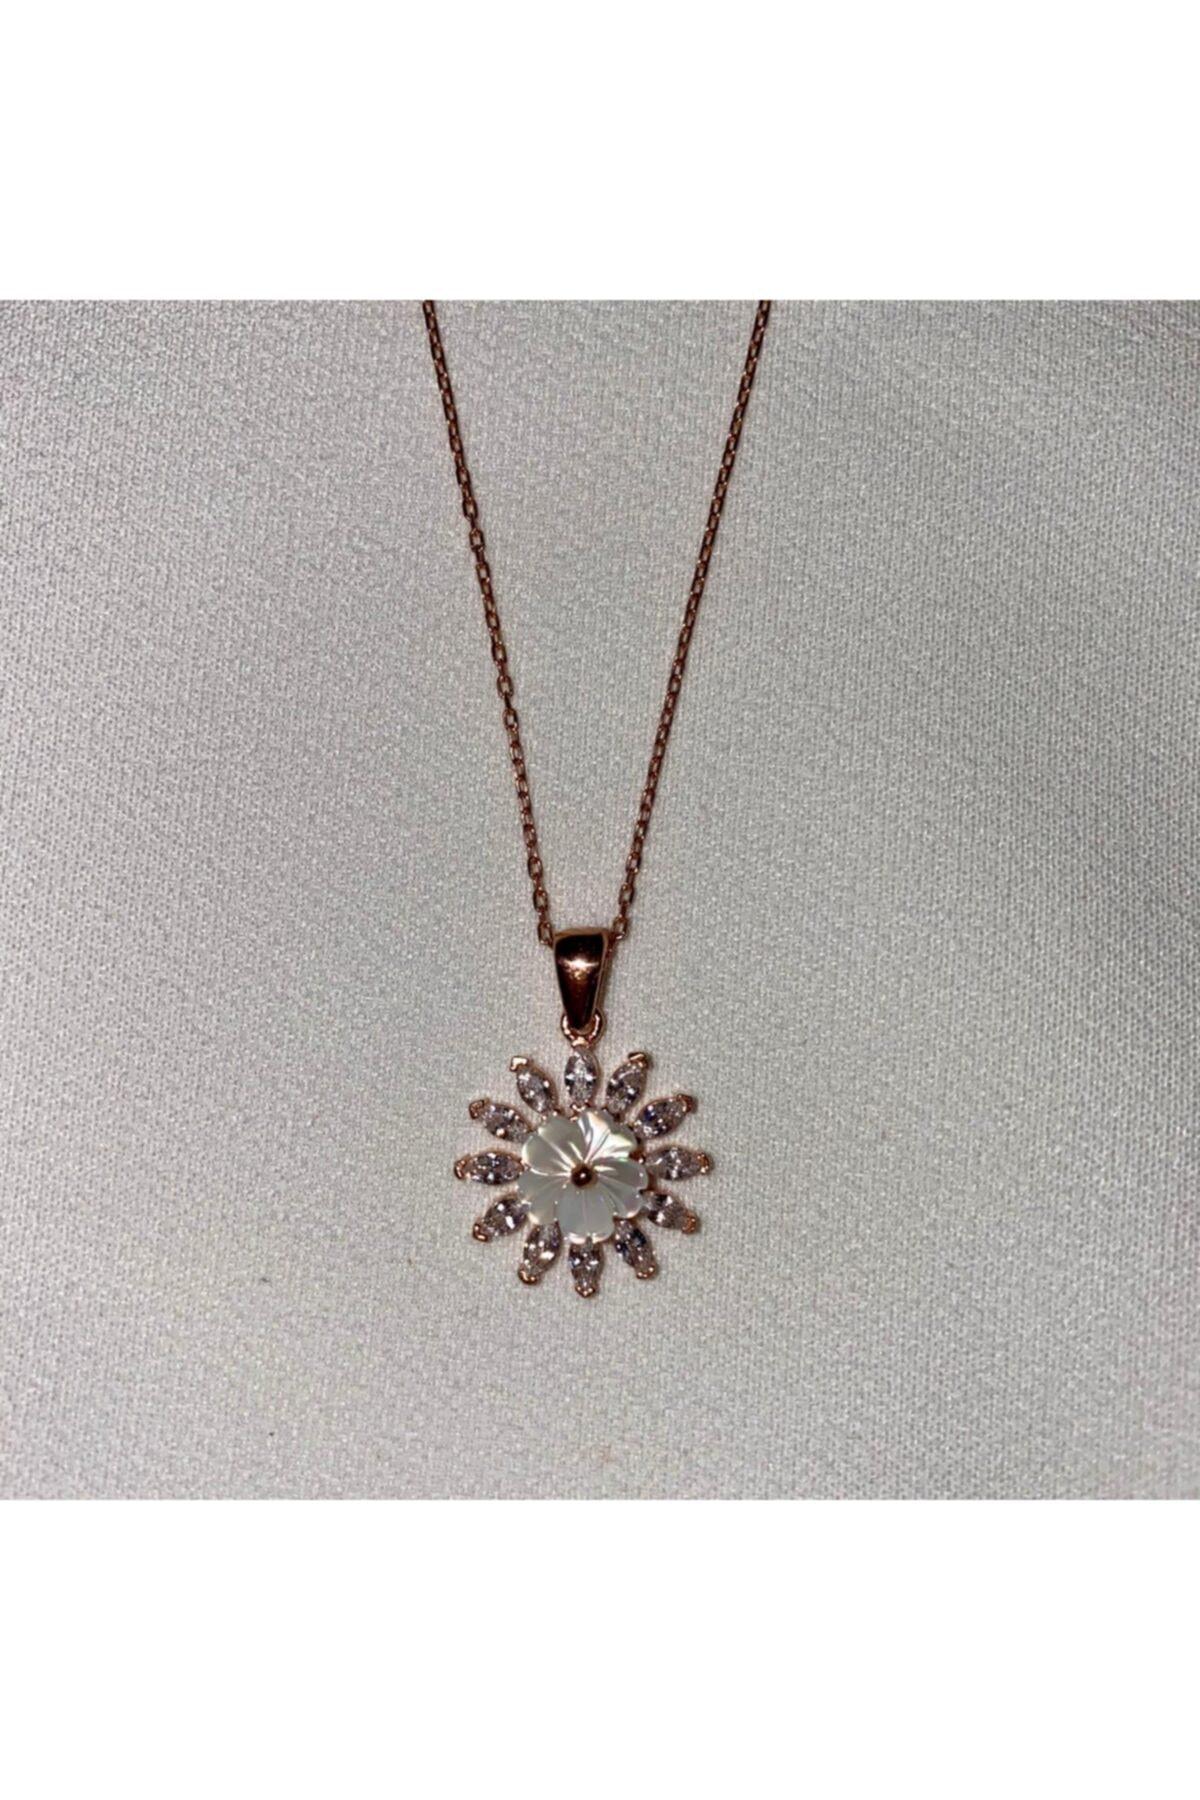 LafleursCollection Manolya Çiçeği 925 Ayar Gümüş Kolye 2